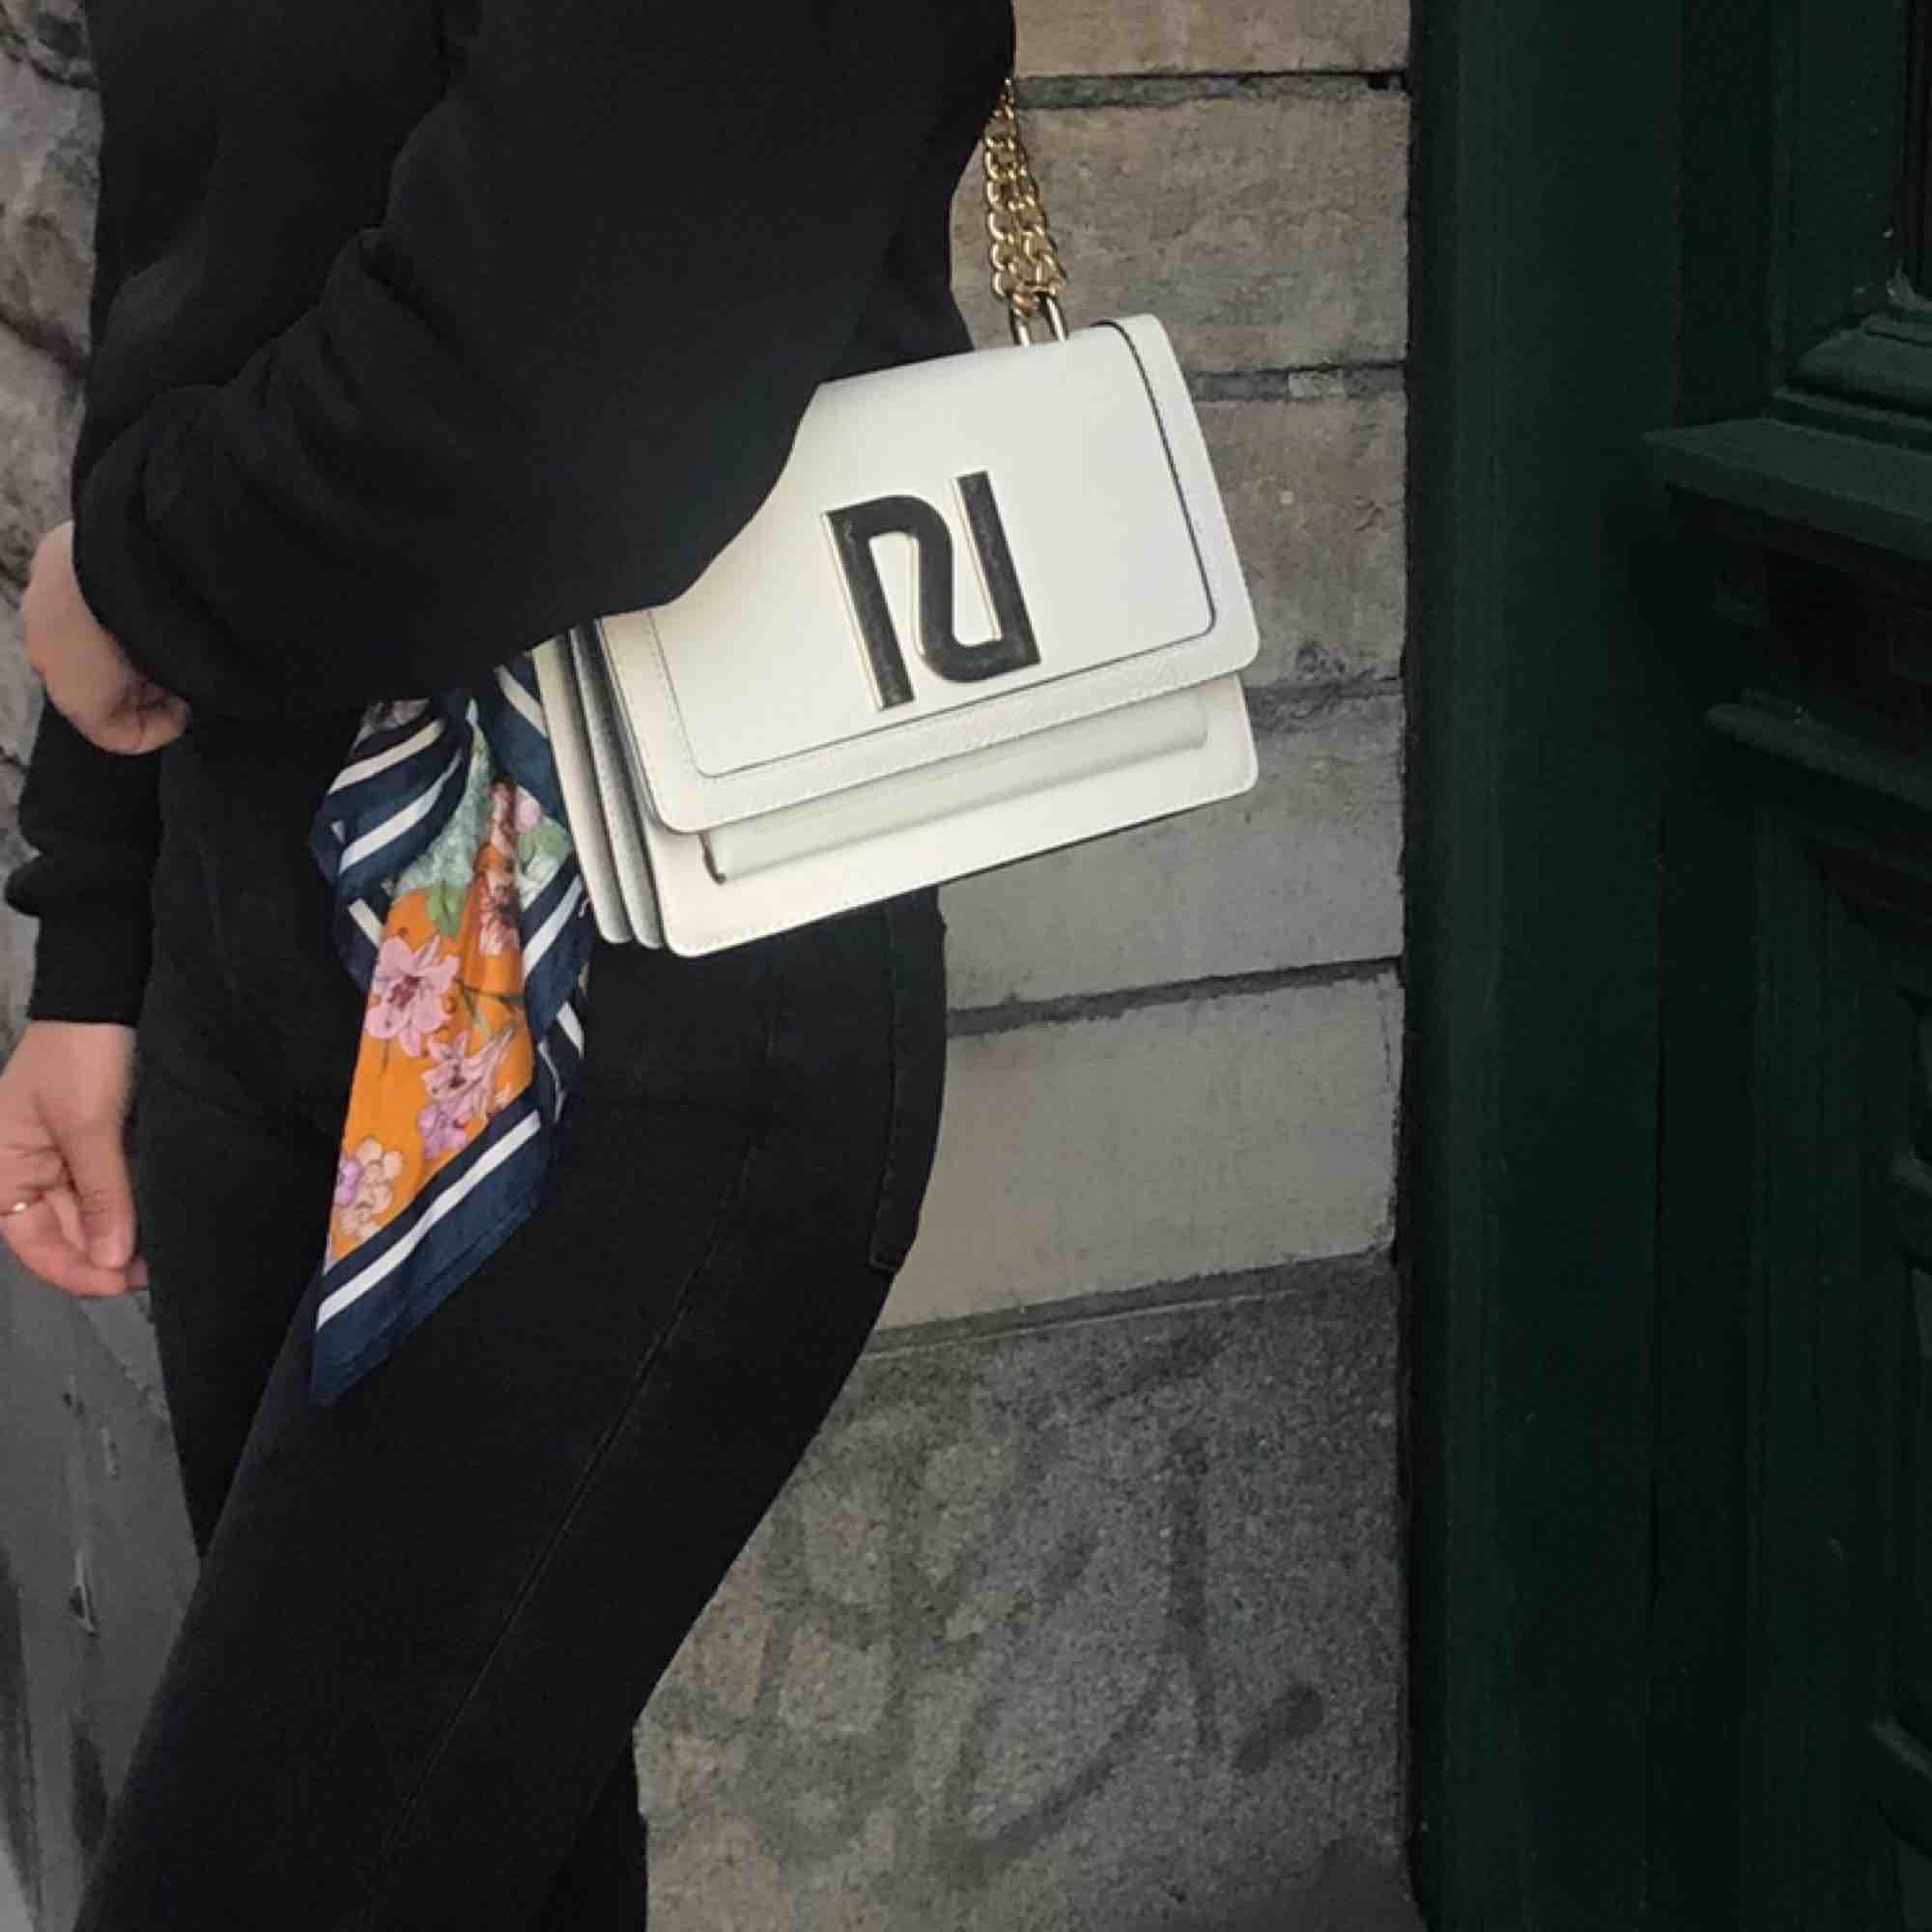 Super snygg väska !! En favorit helt klart💞Inköpt för 600kr, inga slitningar eller fläckar. Skulle gissa på att den är använd 4-6 gånger bara🕊🕊. Accessoarer.